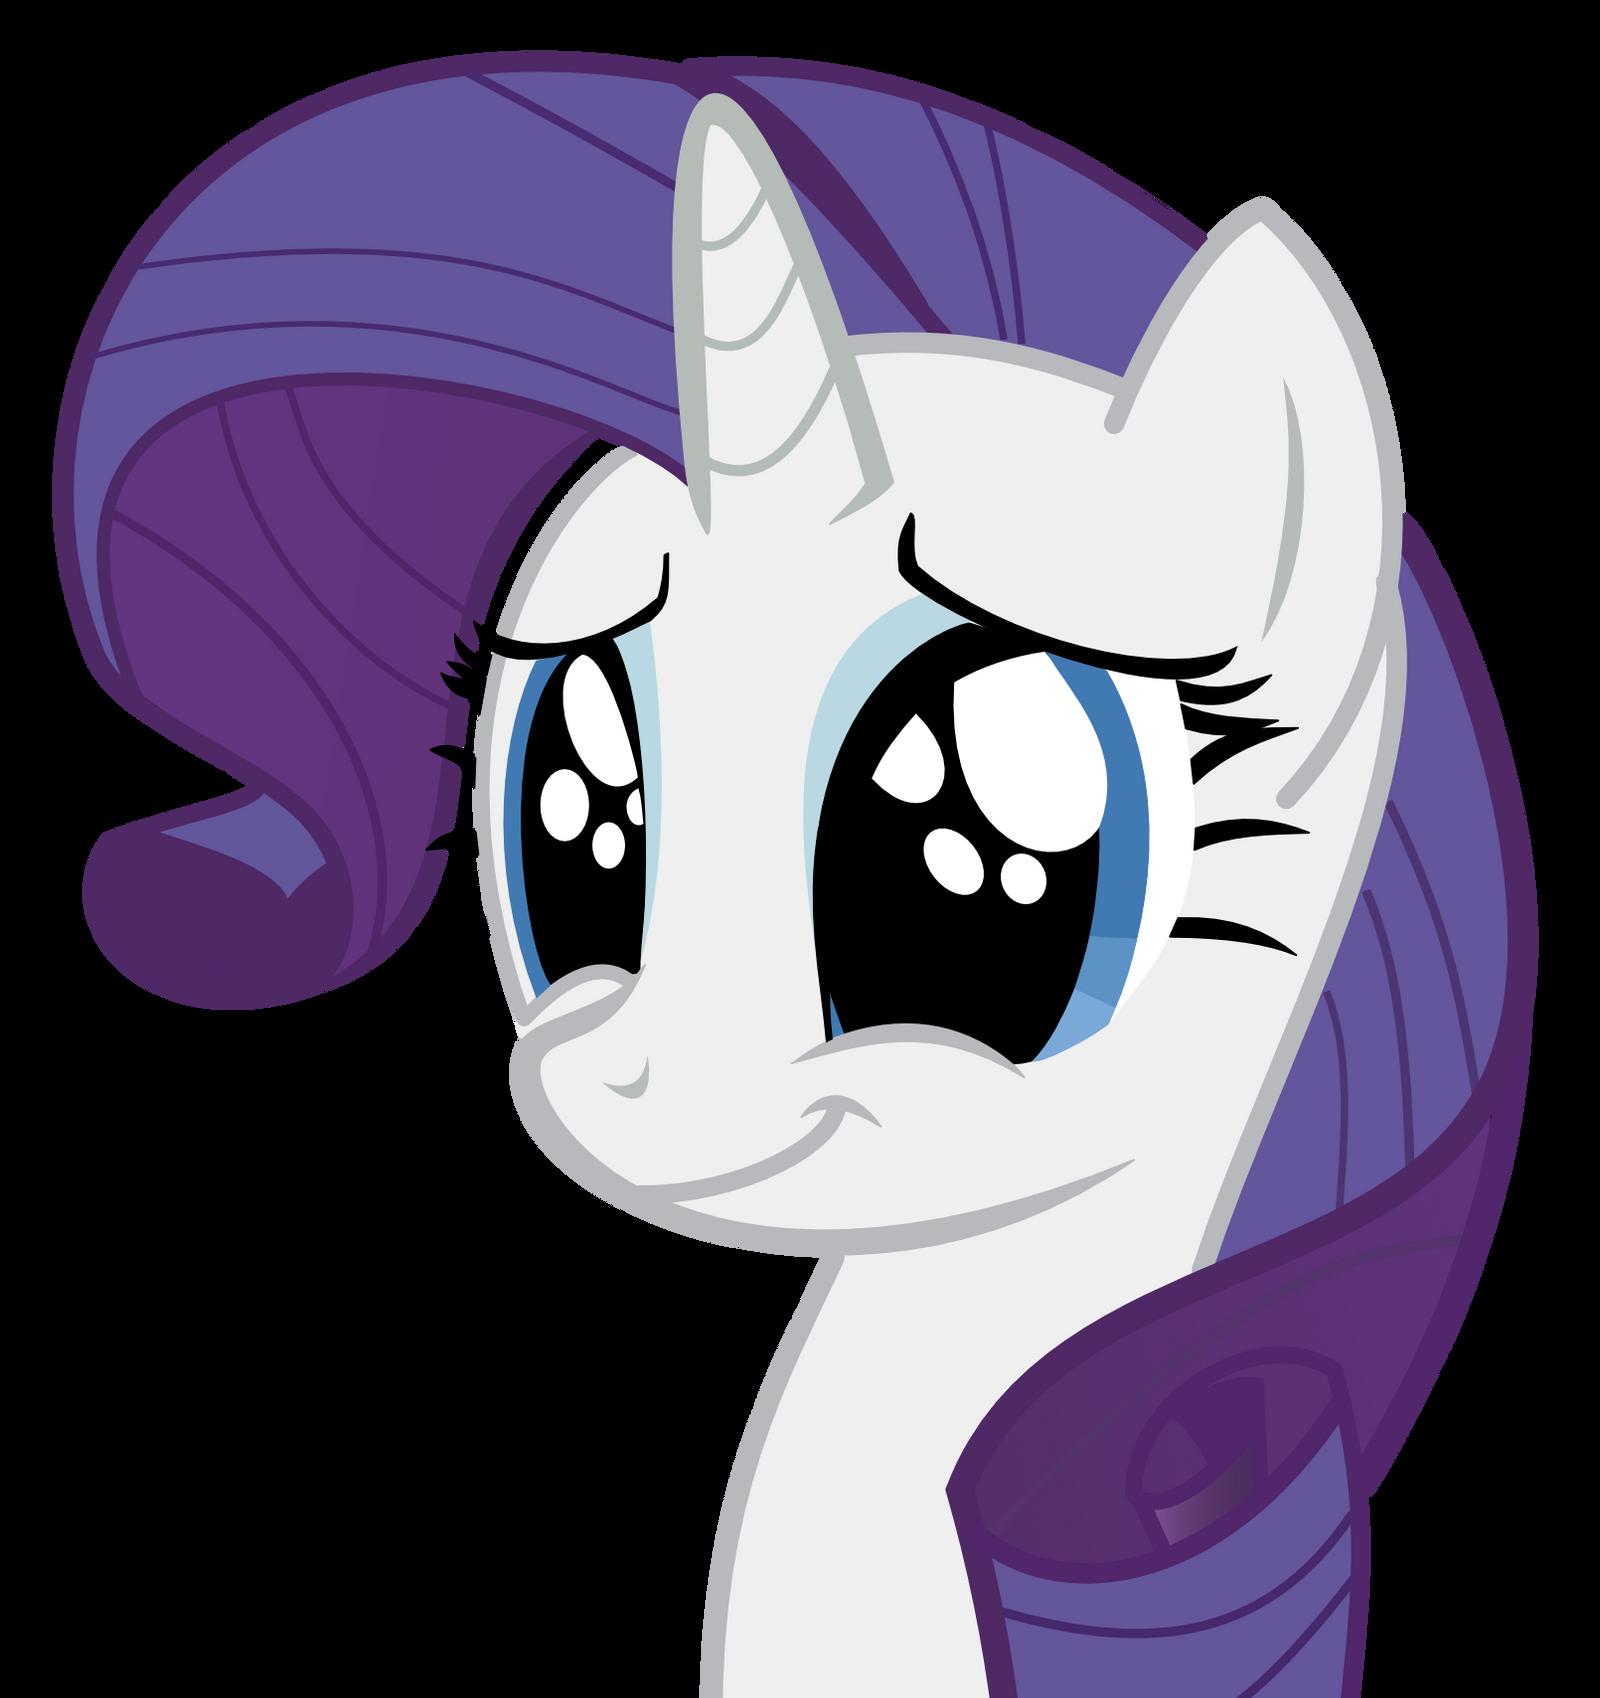 Rarity - cute face by Icefox589 - 376.7KB